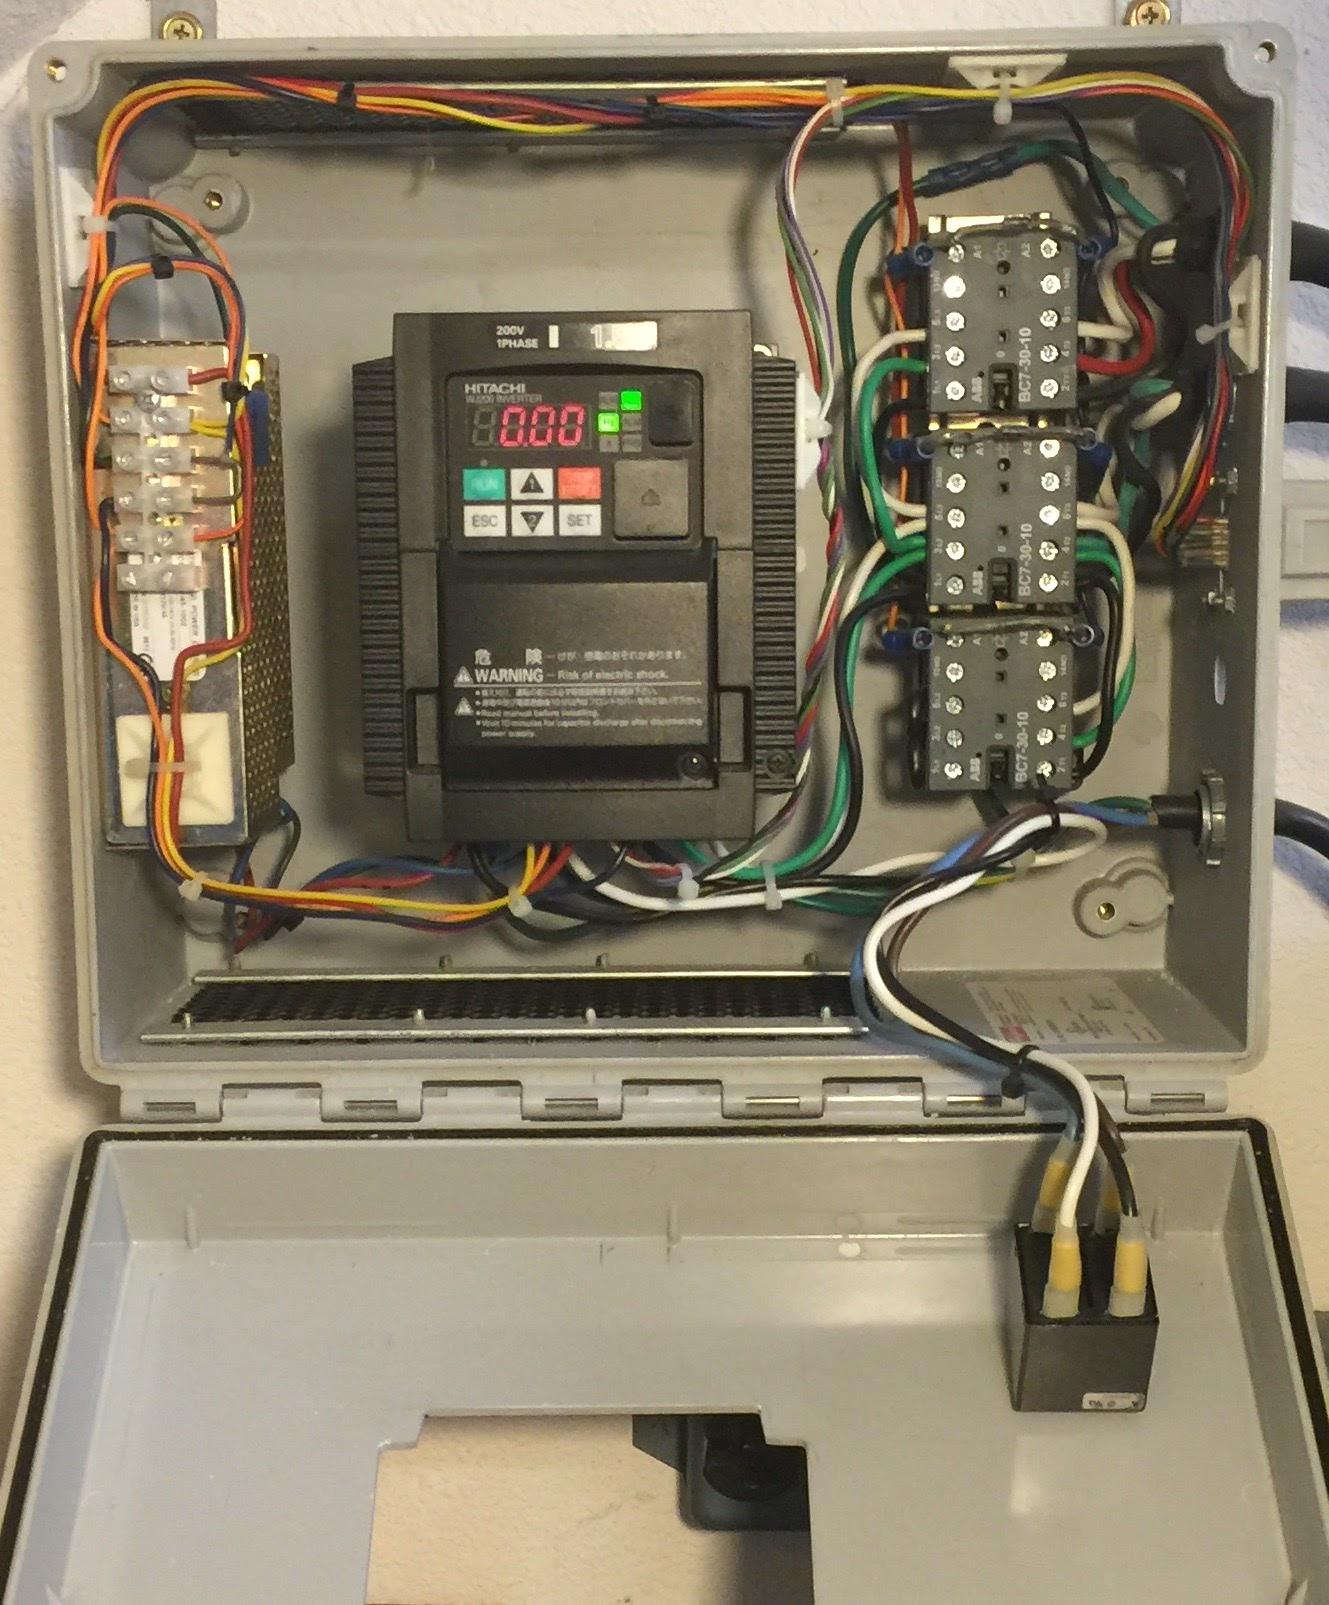 wiring a milling machine wiring schematic diagram  wiring a milling machine #13